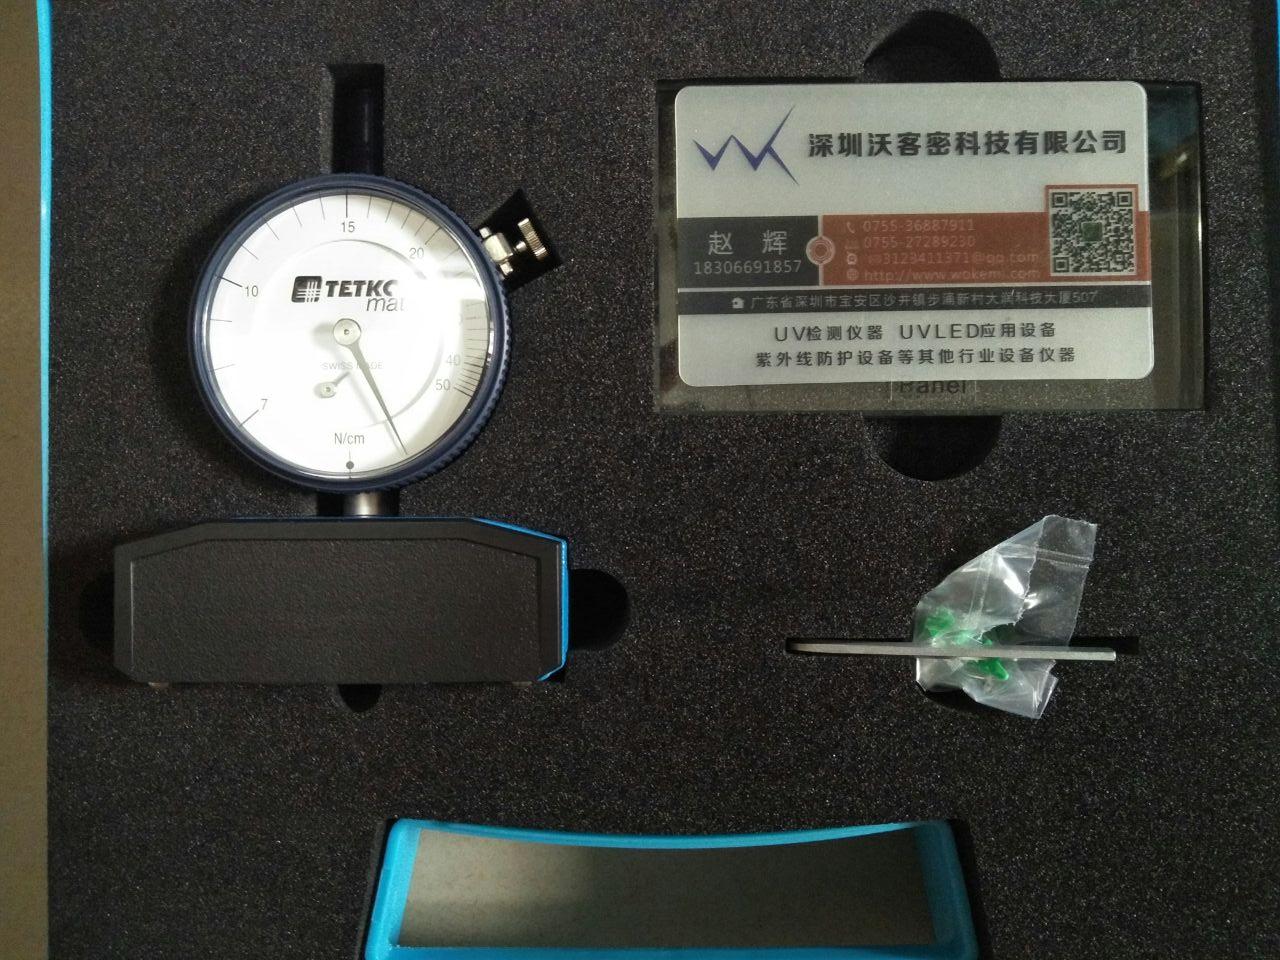 瑞士印刷网版TETKO公司出品7-50N钢网张力计总代理